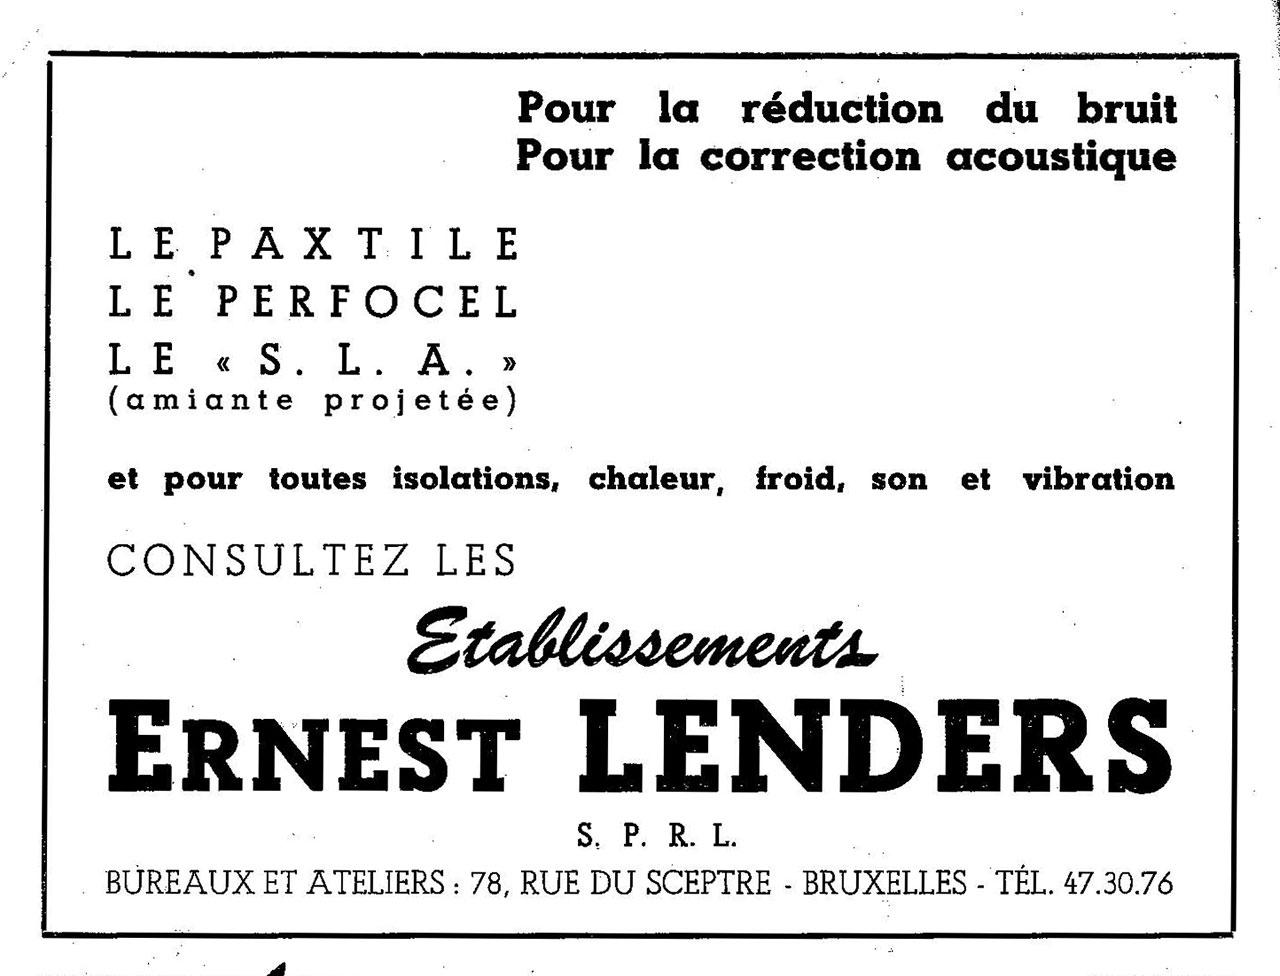 Paxtile, Perfocel, S.L.A.